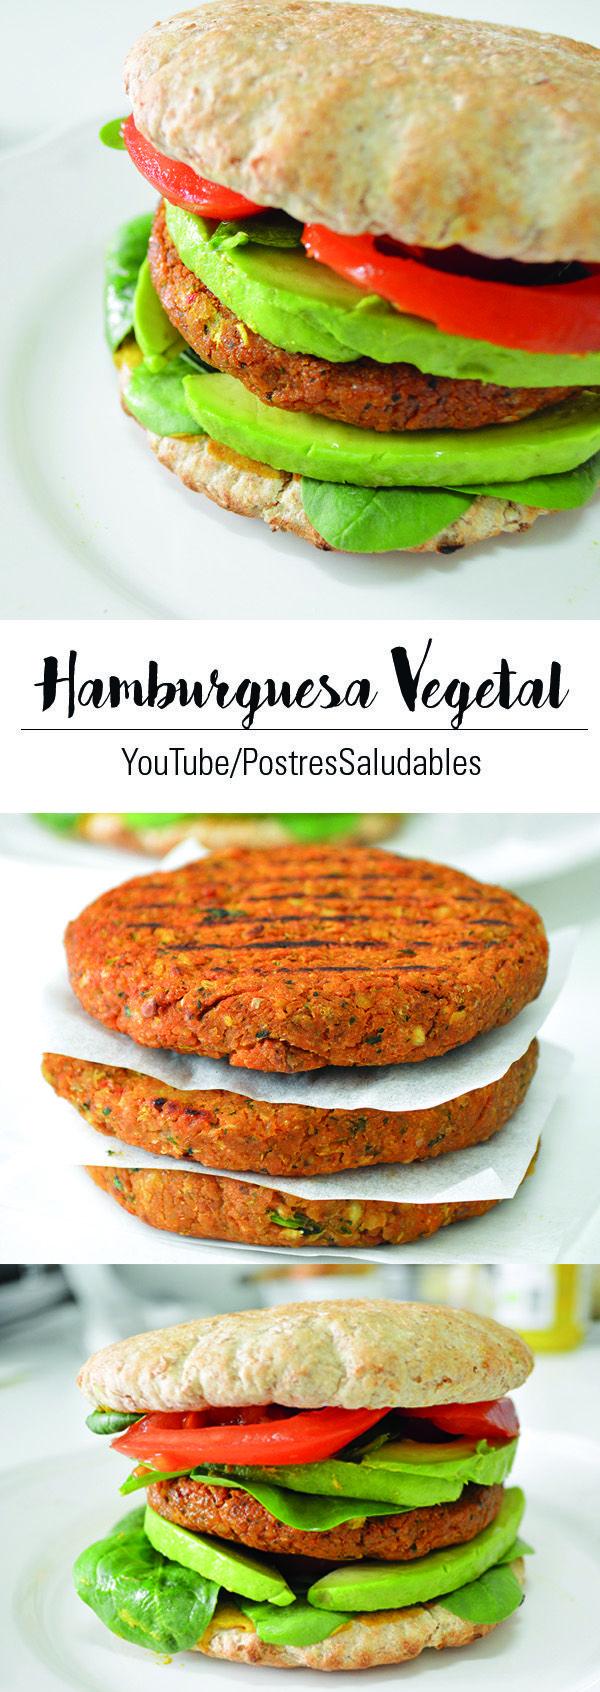 Hamburguesa deliciosa, fácil y muy saludable ideal para esos momentos de antojos!